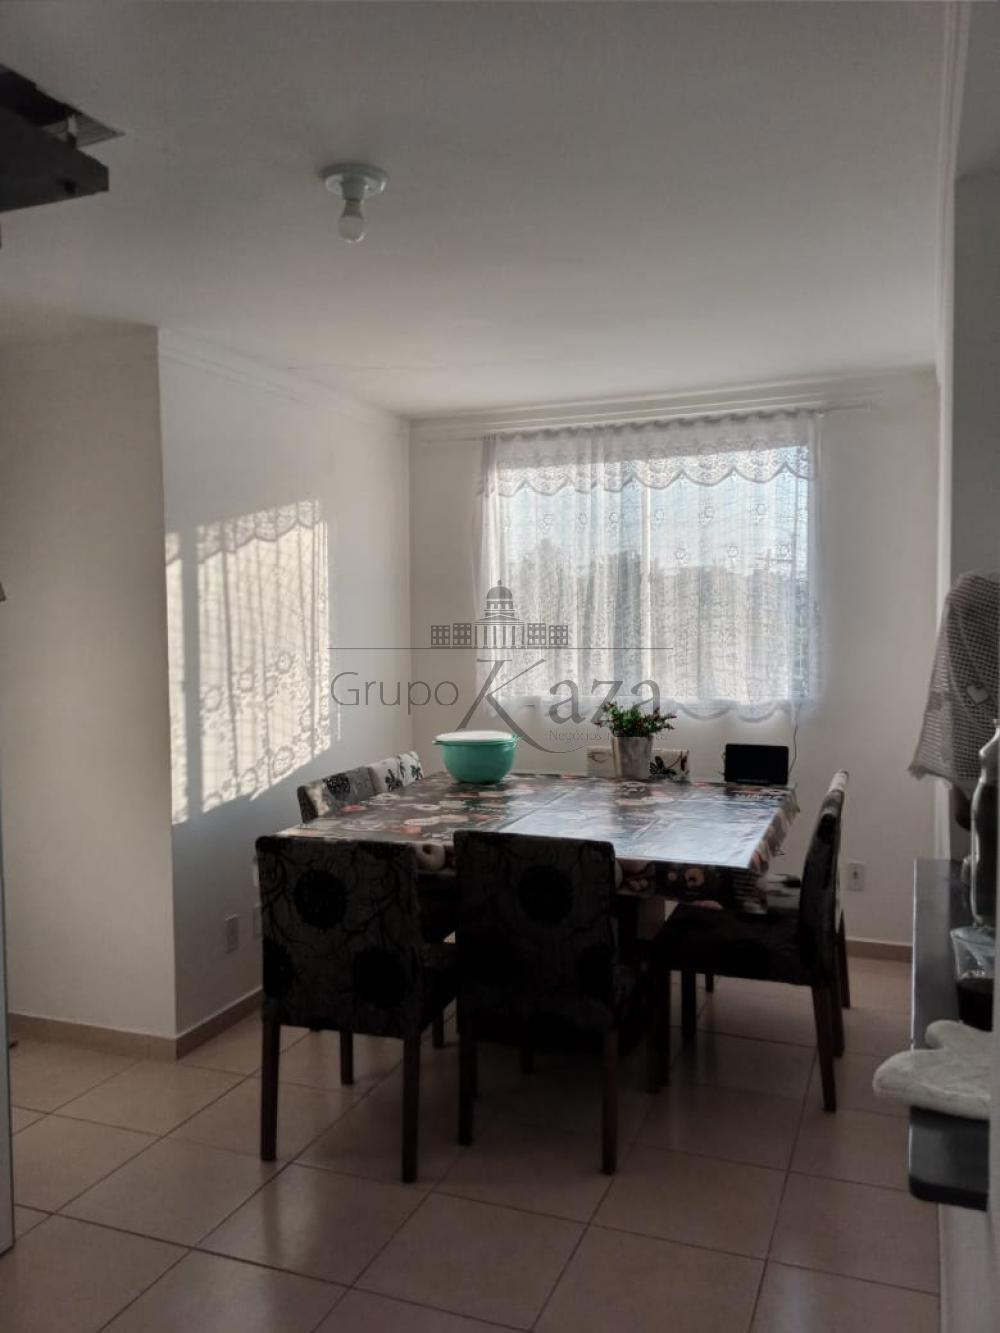 alt='Comprar Apartamento / Cobertura Duplex em São José dos Campos R$ 372.000,00 - Foto 1' title='Comprar Apartamento / Cobertura Duplex em São José dos Campos R$ 372.000,00 - Foto 1'